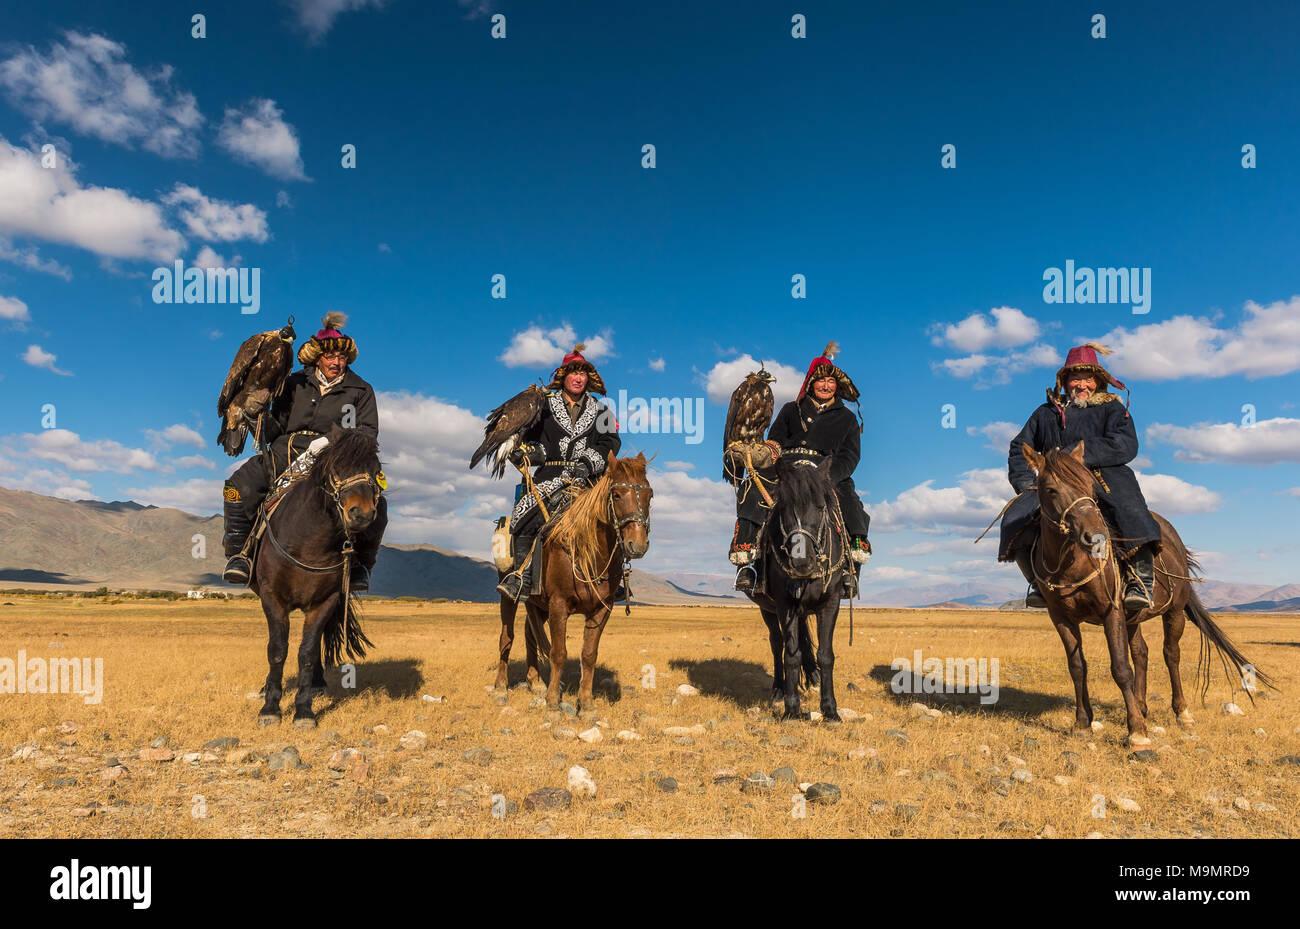 Mongolian eagle hunters on horses in the desert, Mongolia - Stock Image